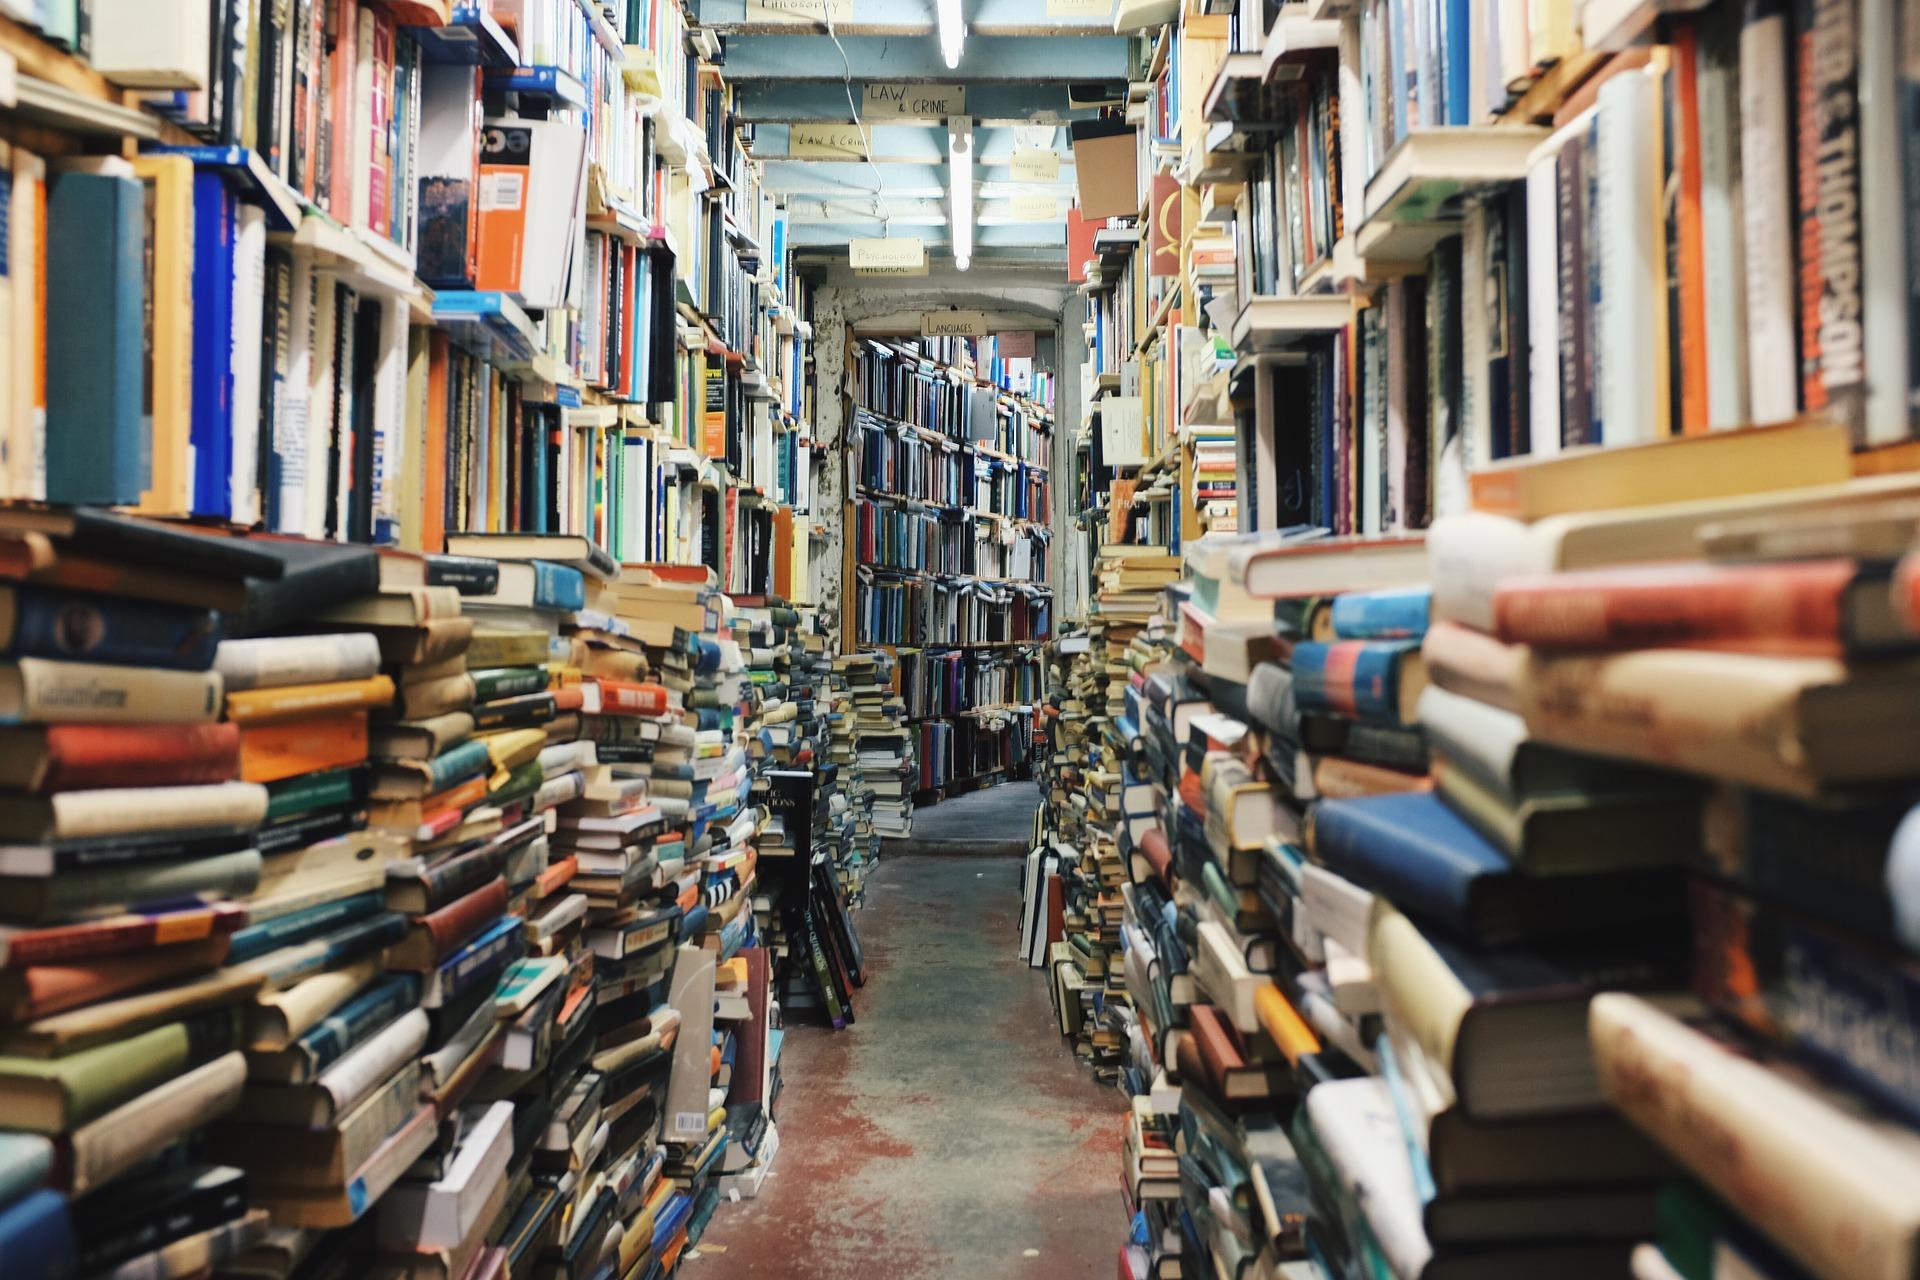 Un magatzem de llibres